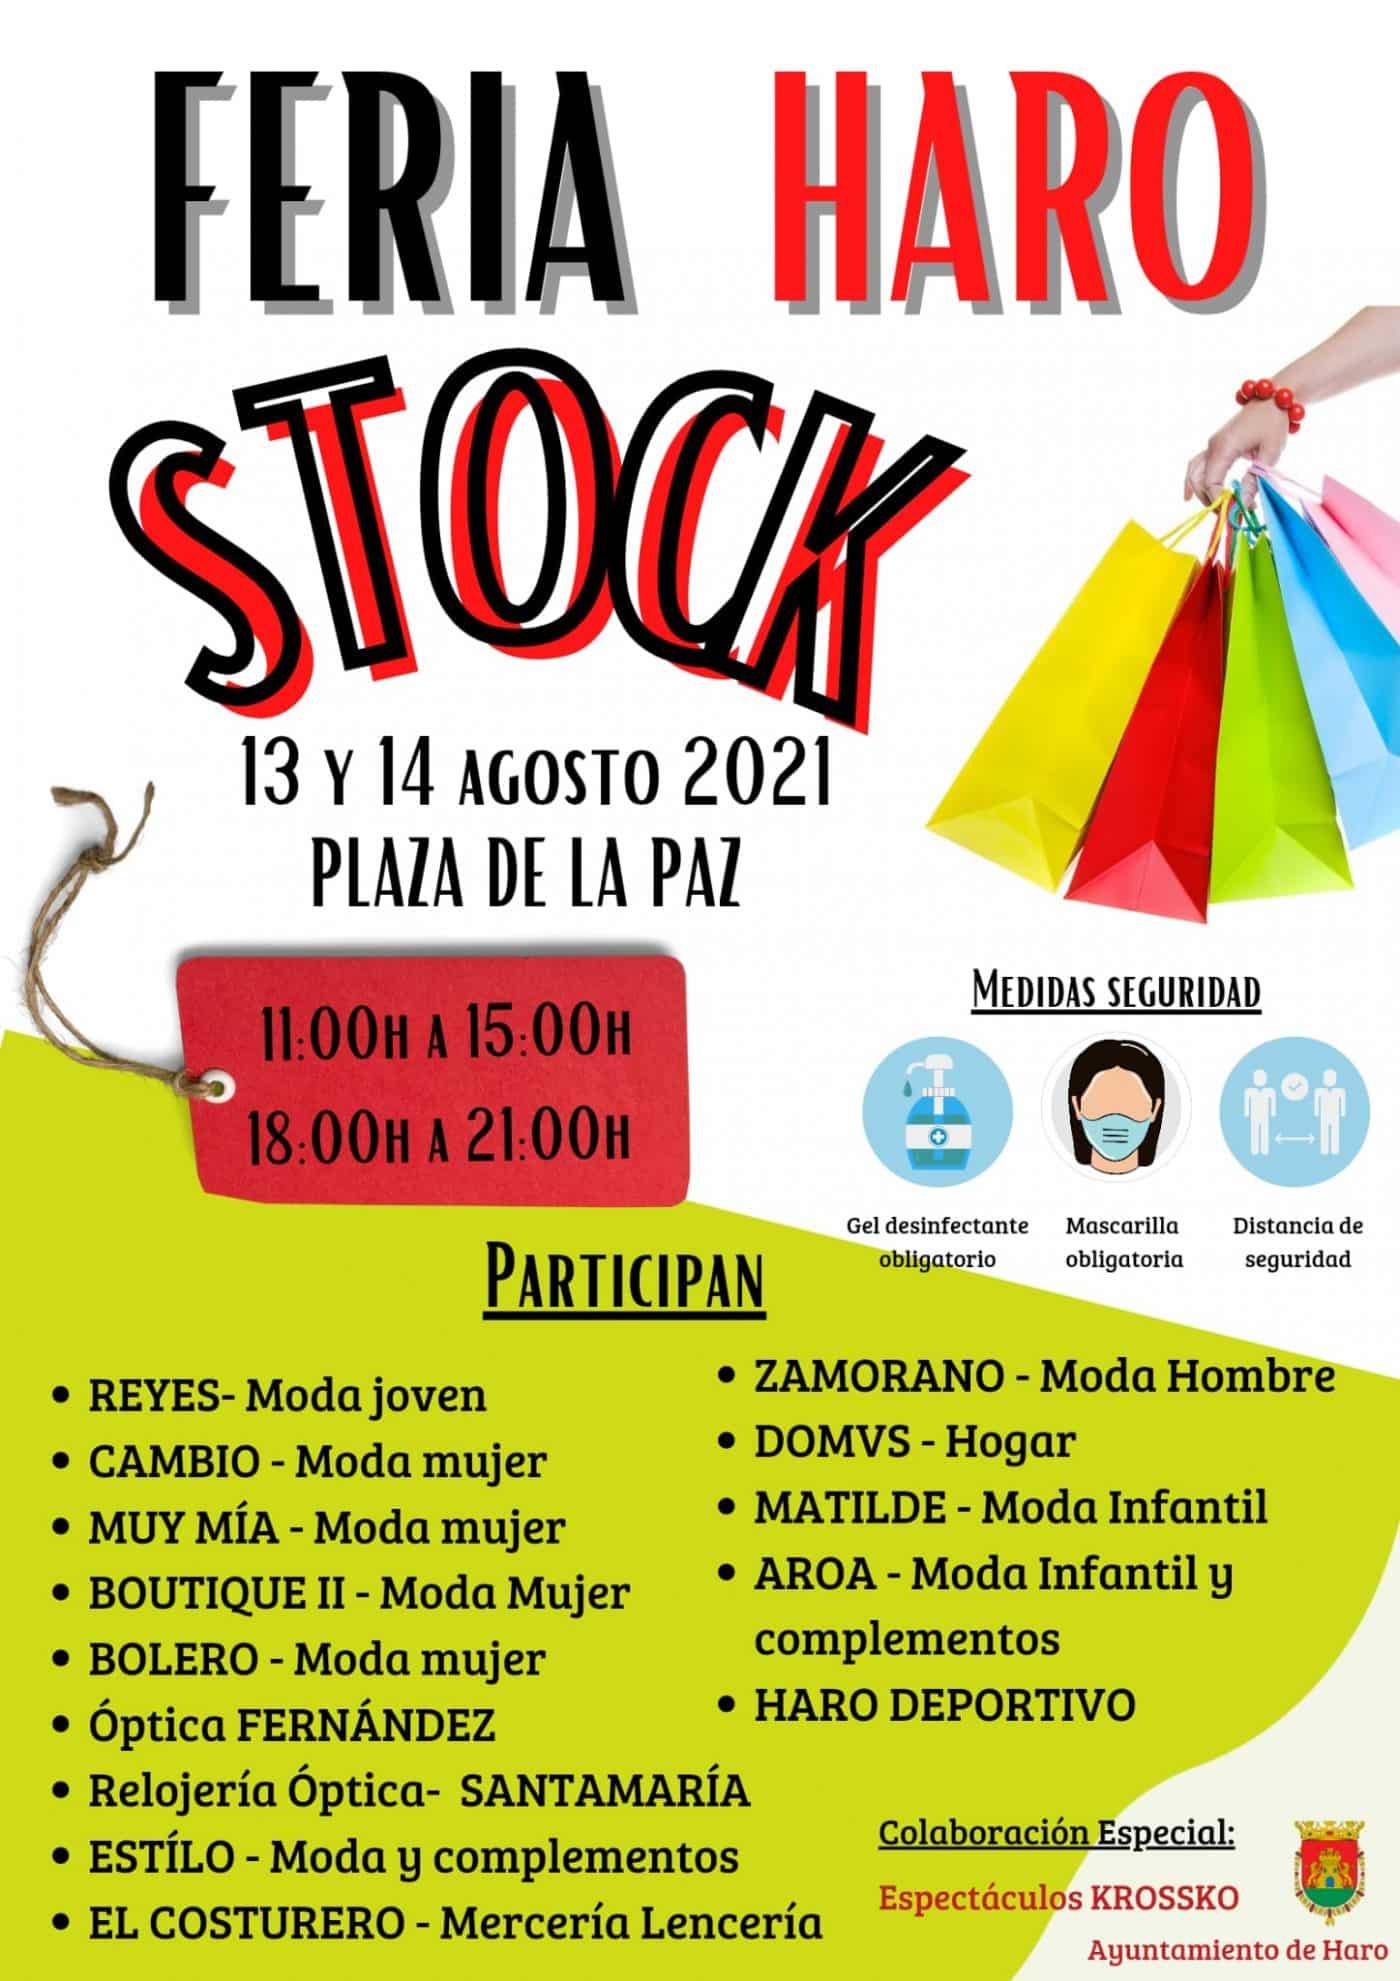 La feria Haro Stock vuelve a la plaza de la Paz los días 13 y 14 de agosto 2